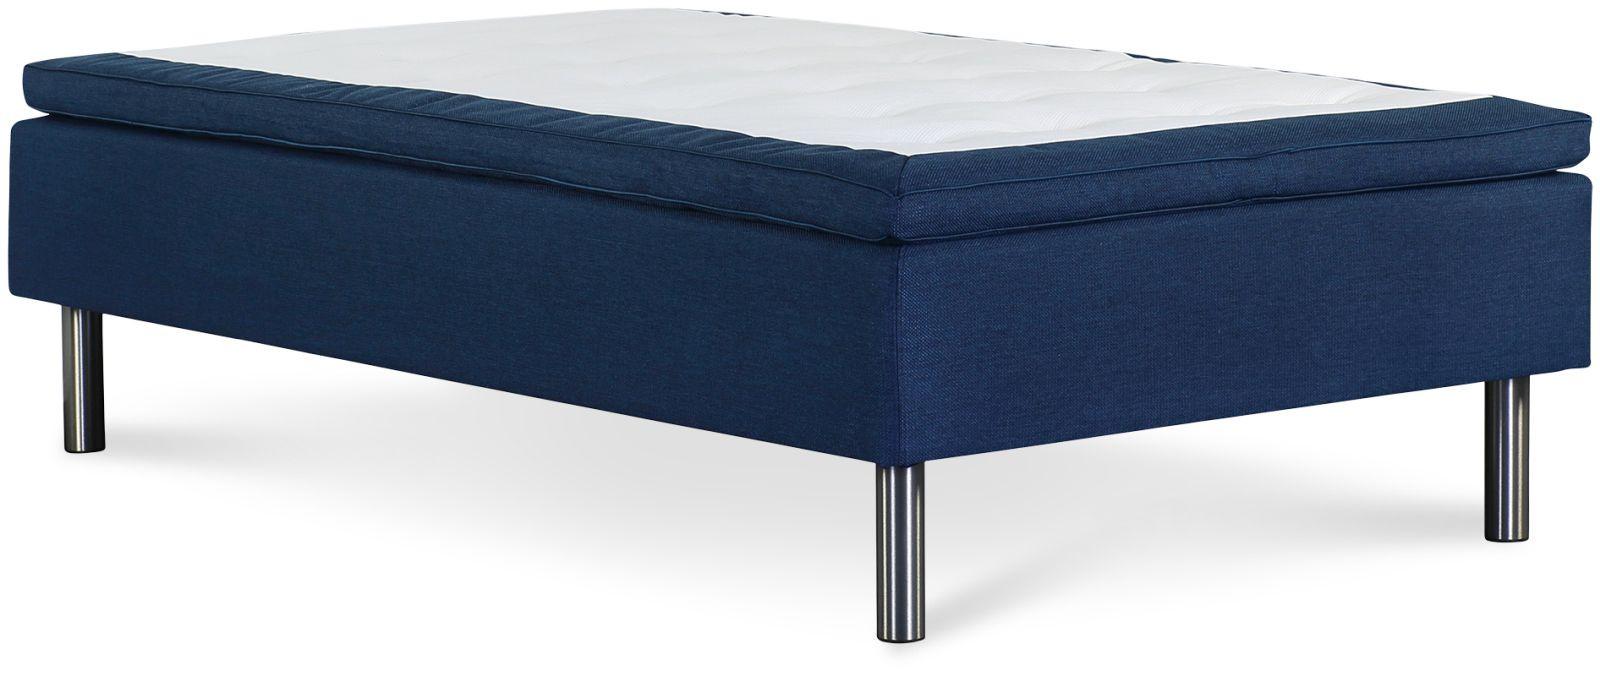 Łóżko Iceland 90x200 (niebieski)